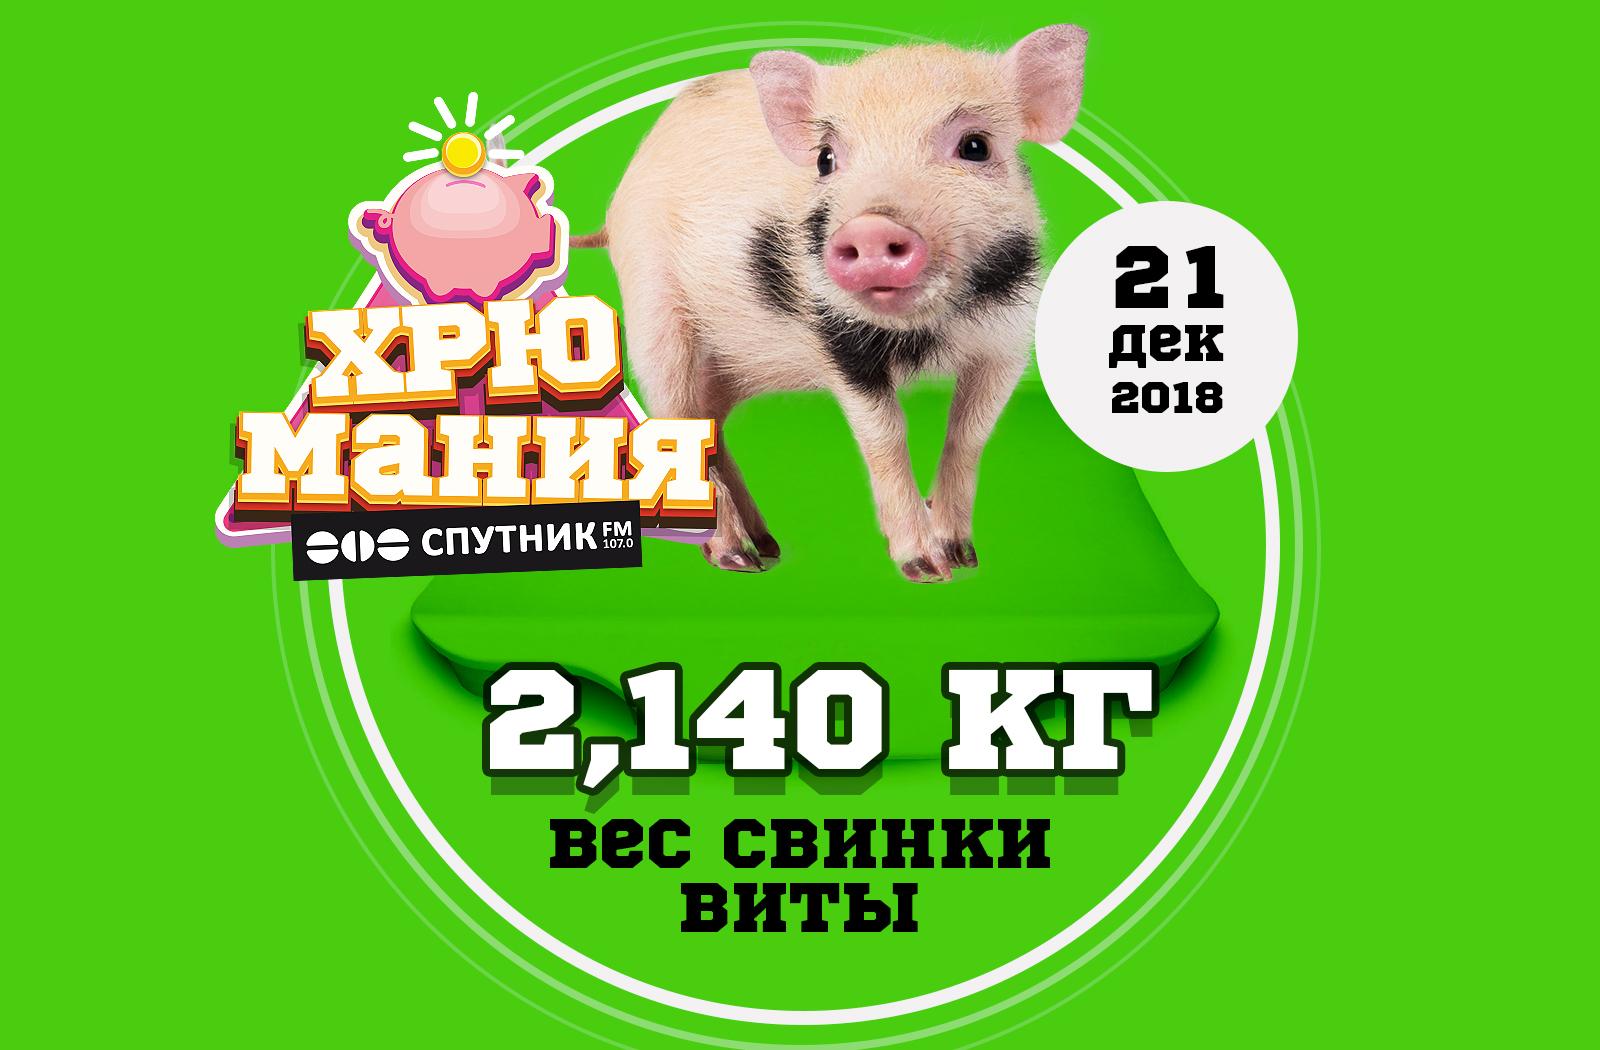 """""""ХрюМания"""": вес Виты 21 декабря"""